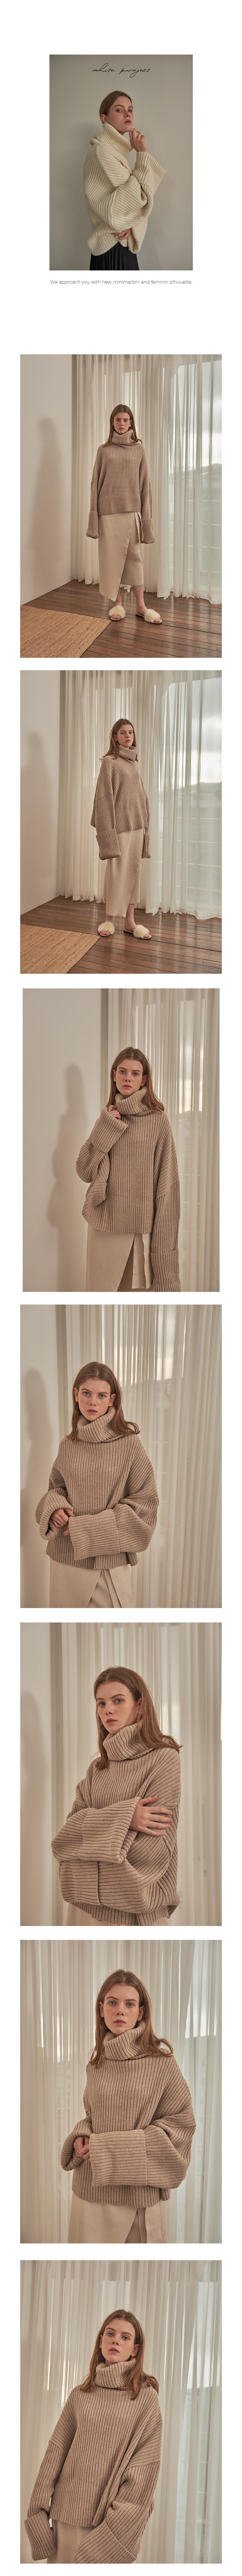 oversize+knit+oatmeal01.jpg